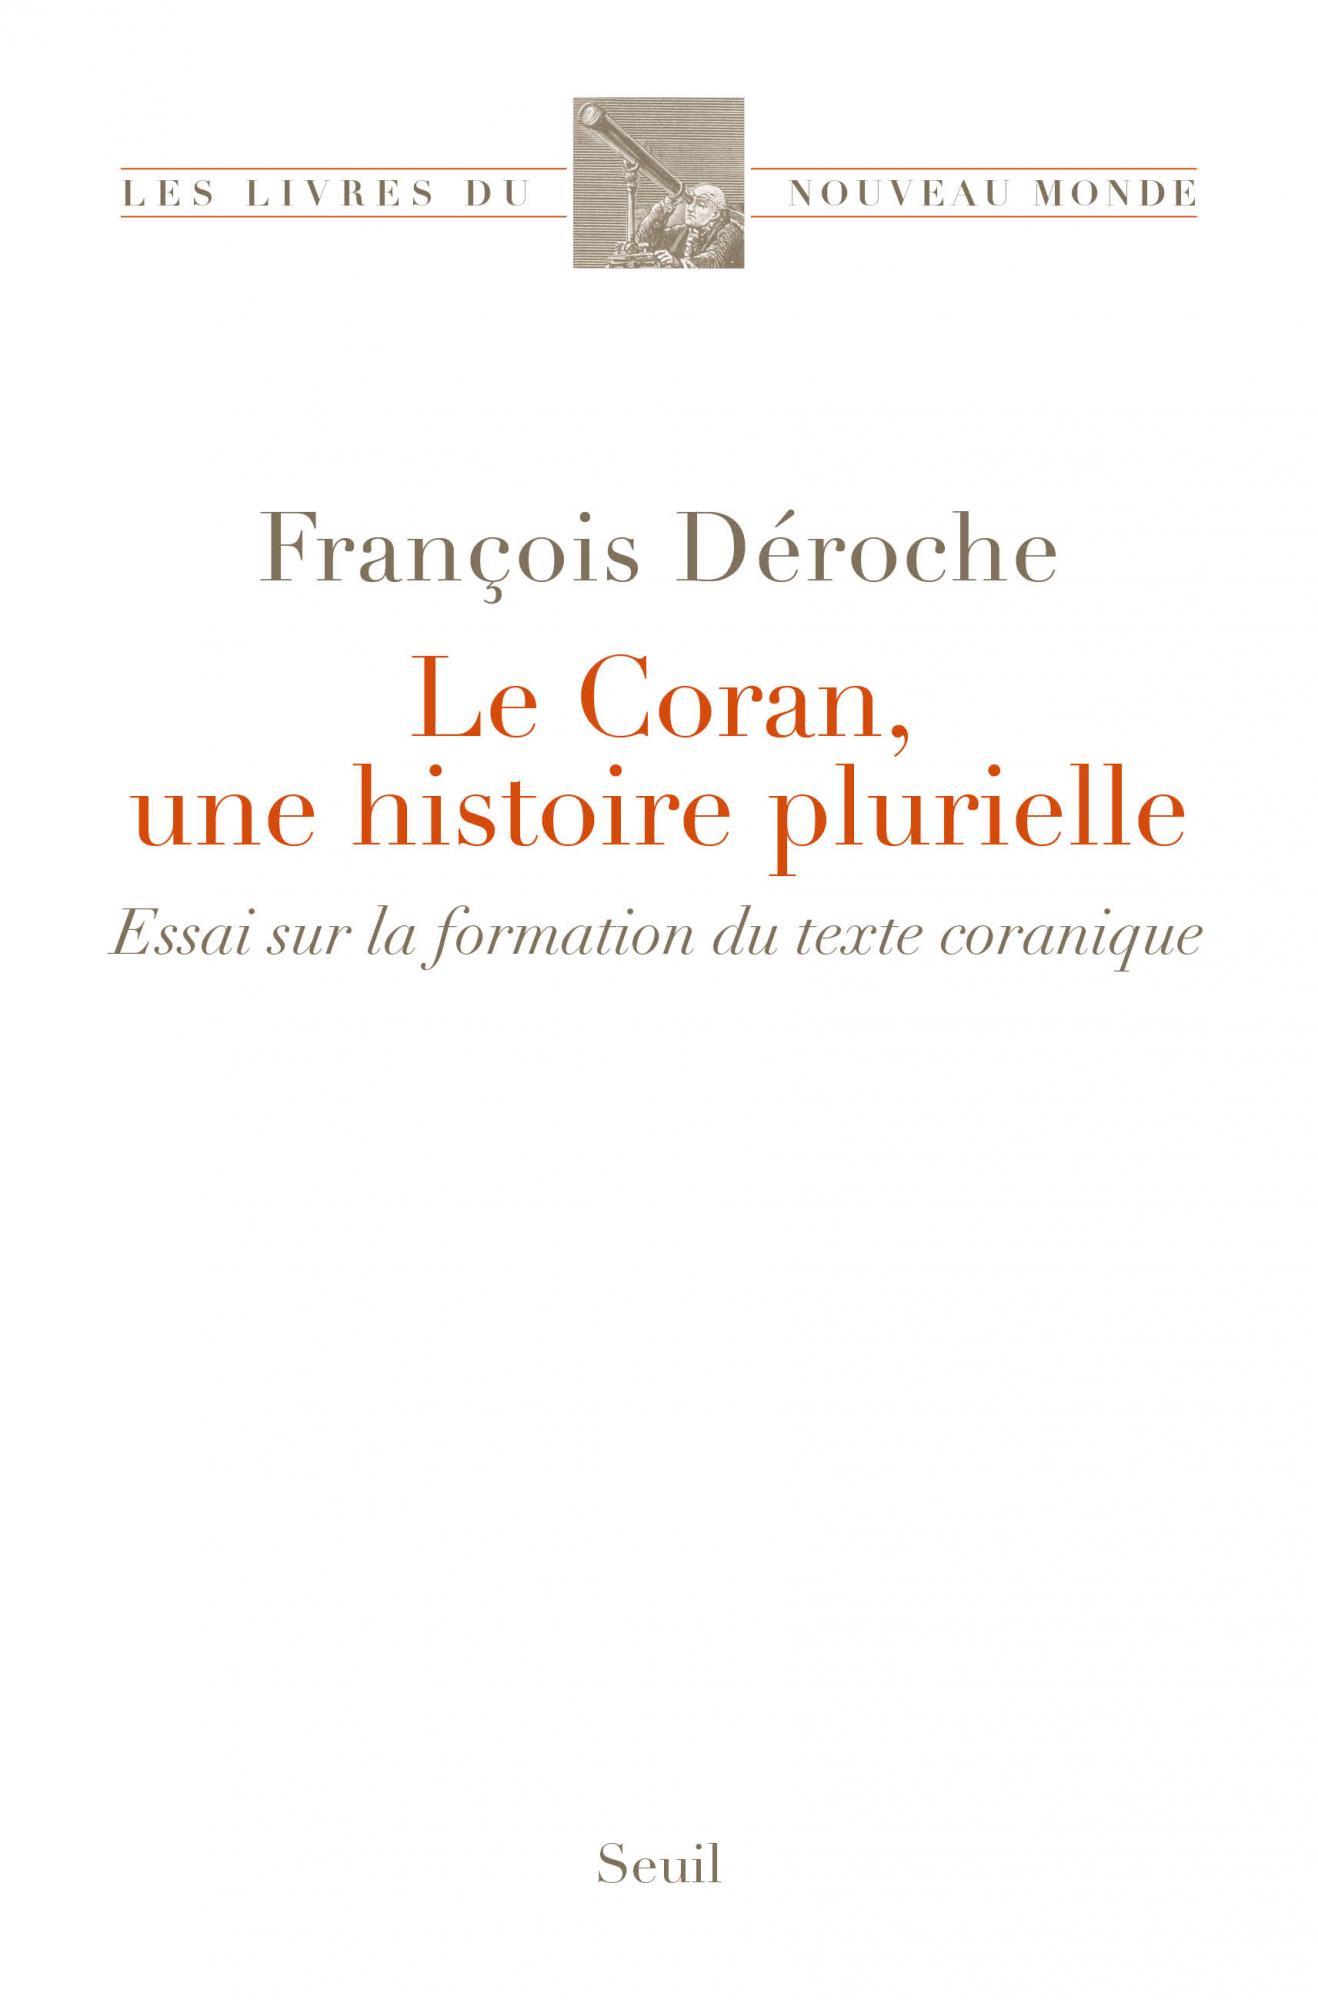 F. Déroche, Le Coran, une histoire plurielle. Essai sur la formation du texte coranique